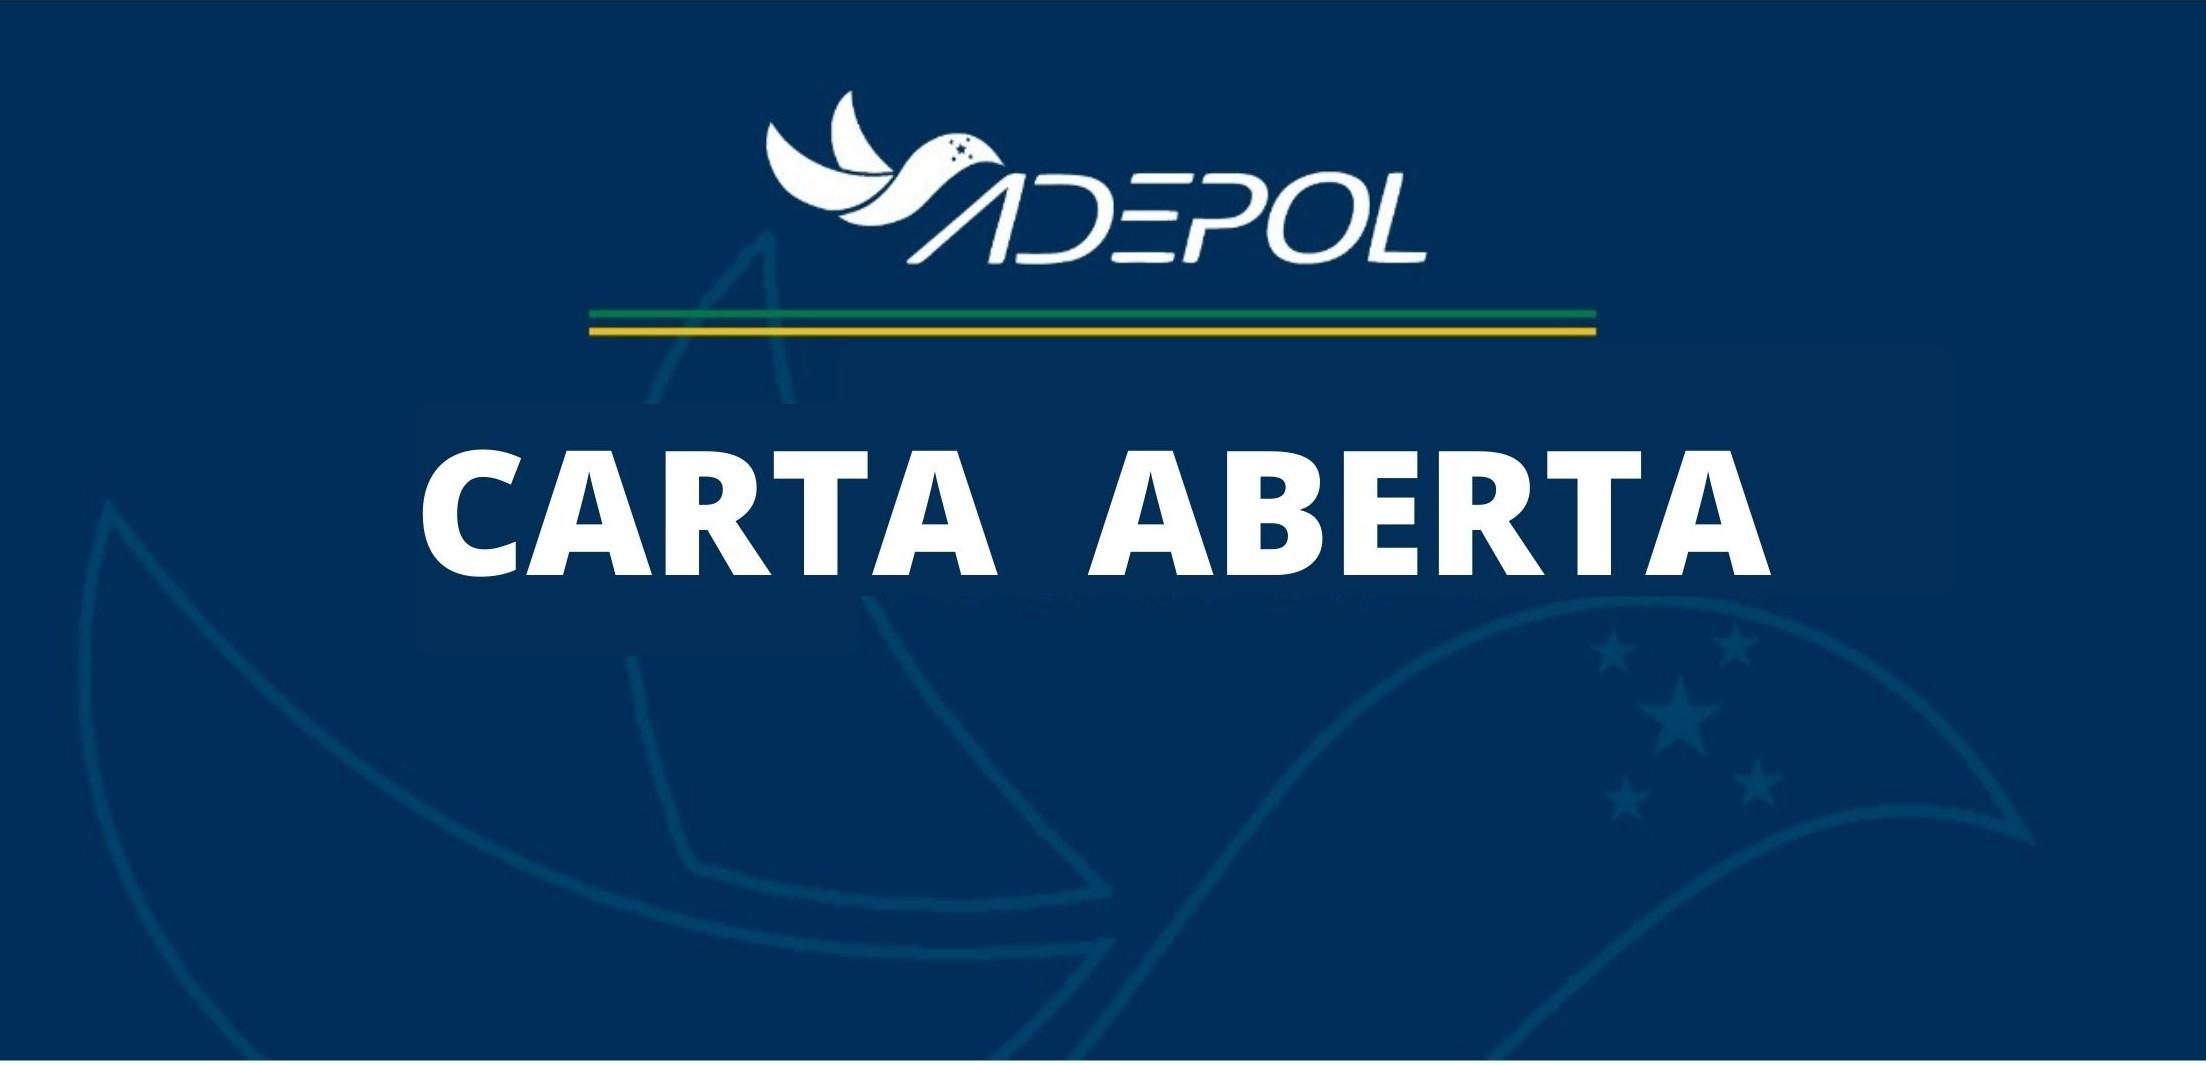 CARTA-ABERTA-JPG.jpg